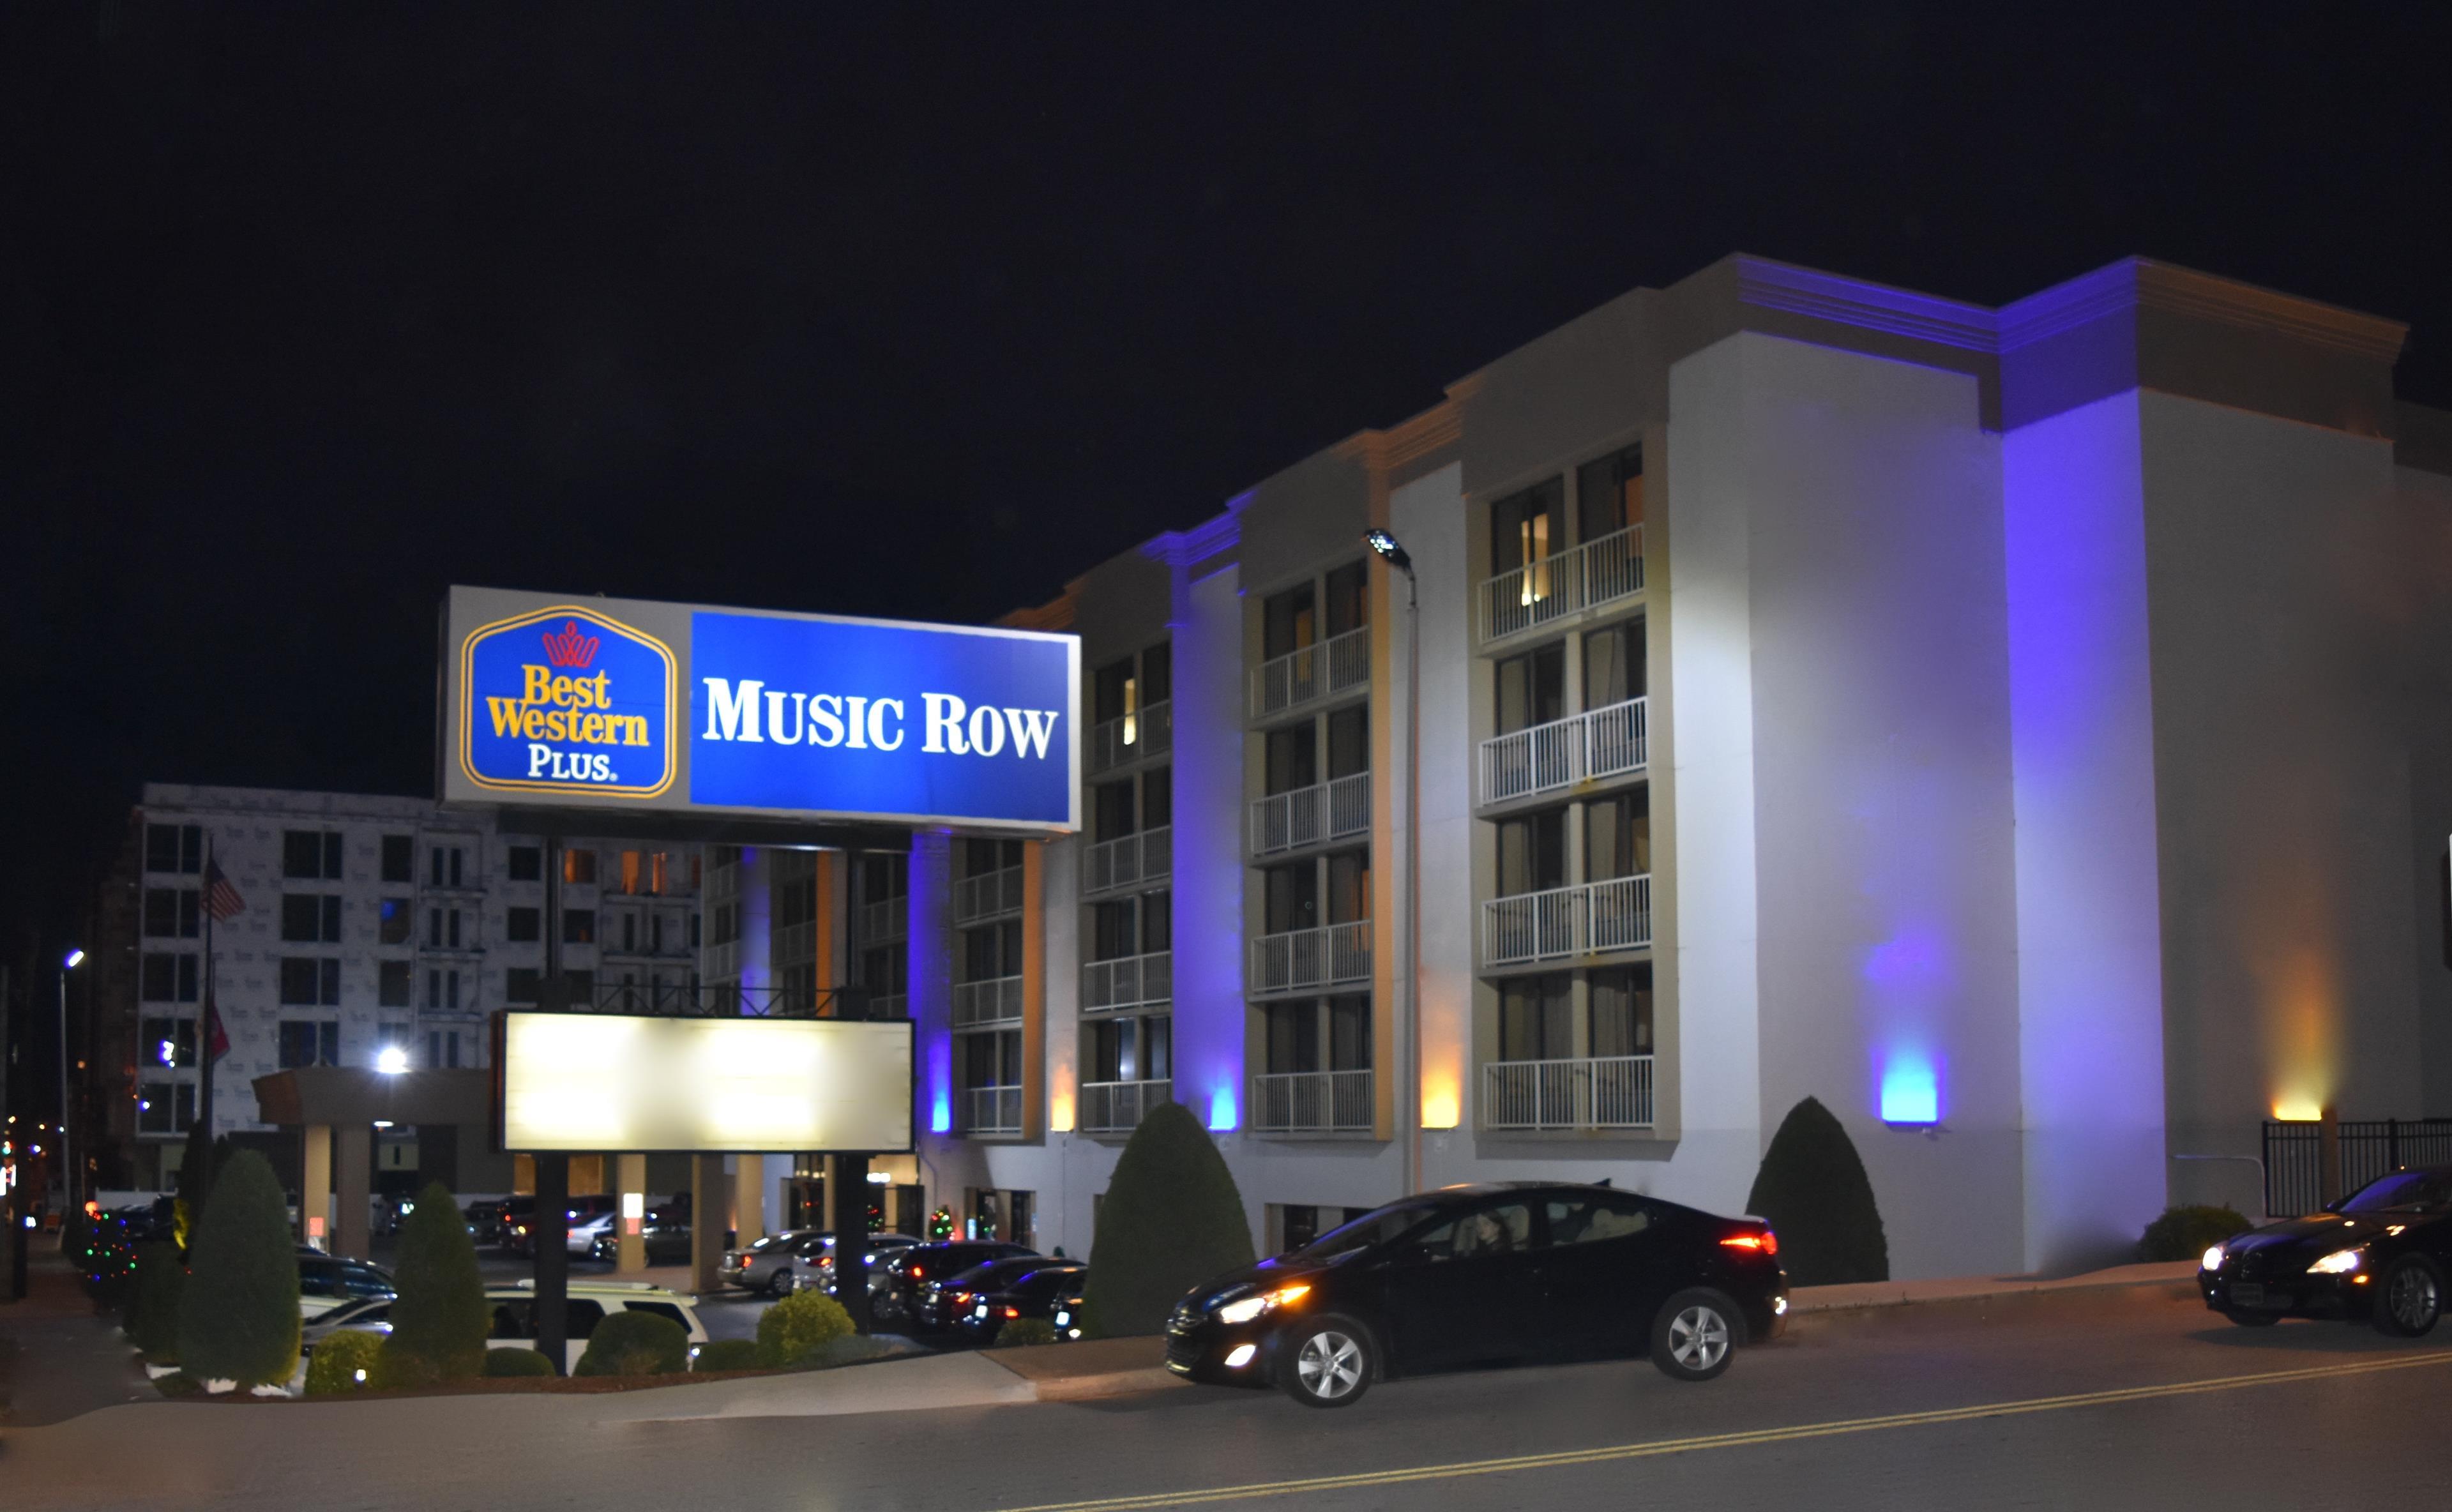 Best Western Hotel Music Row Nashville